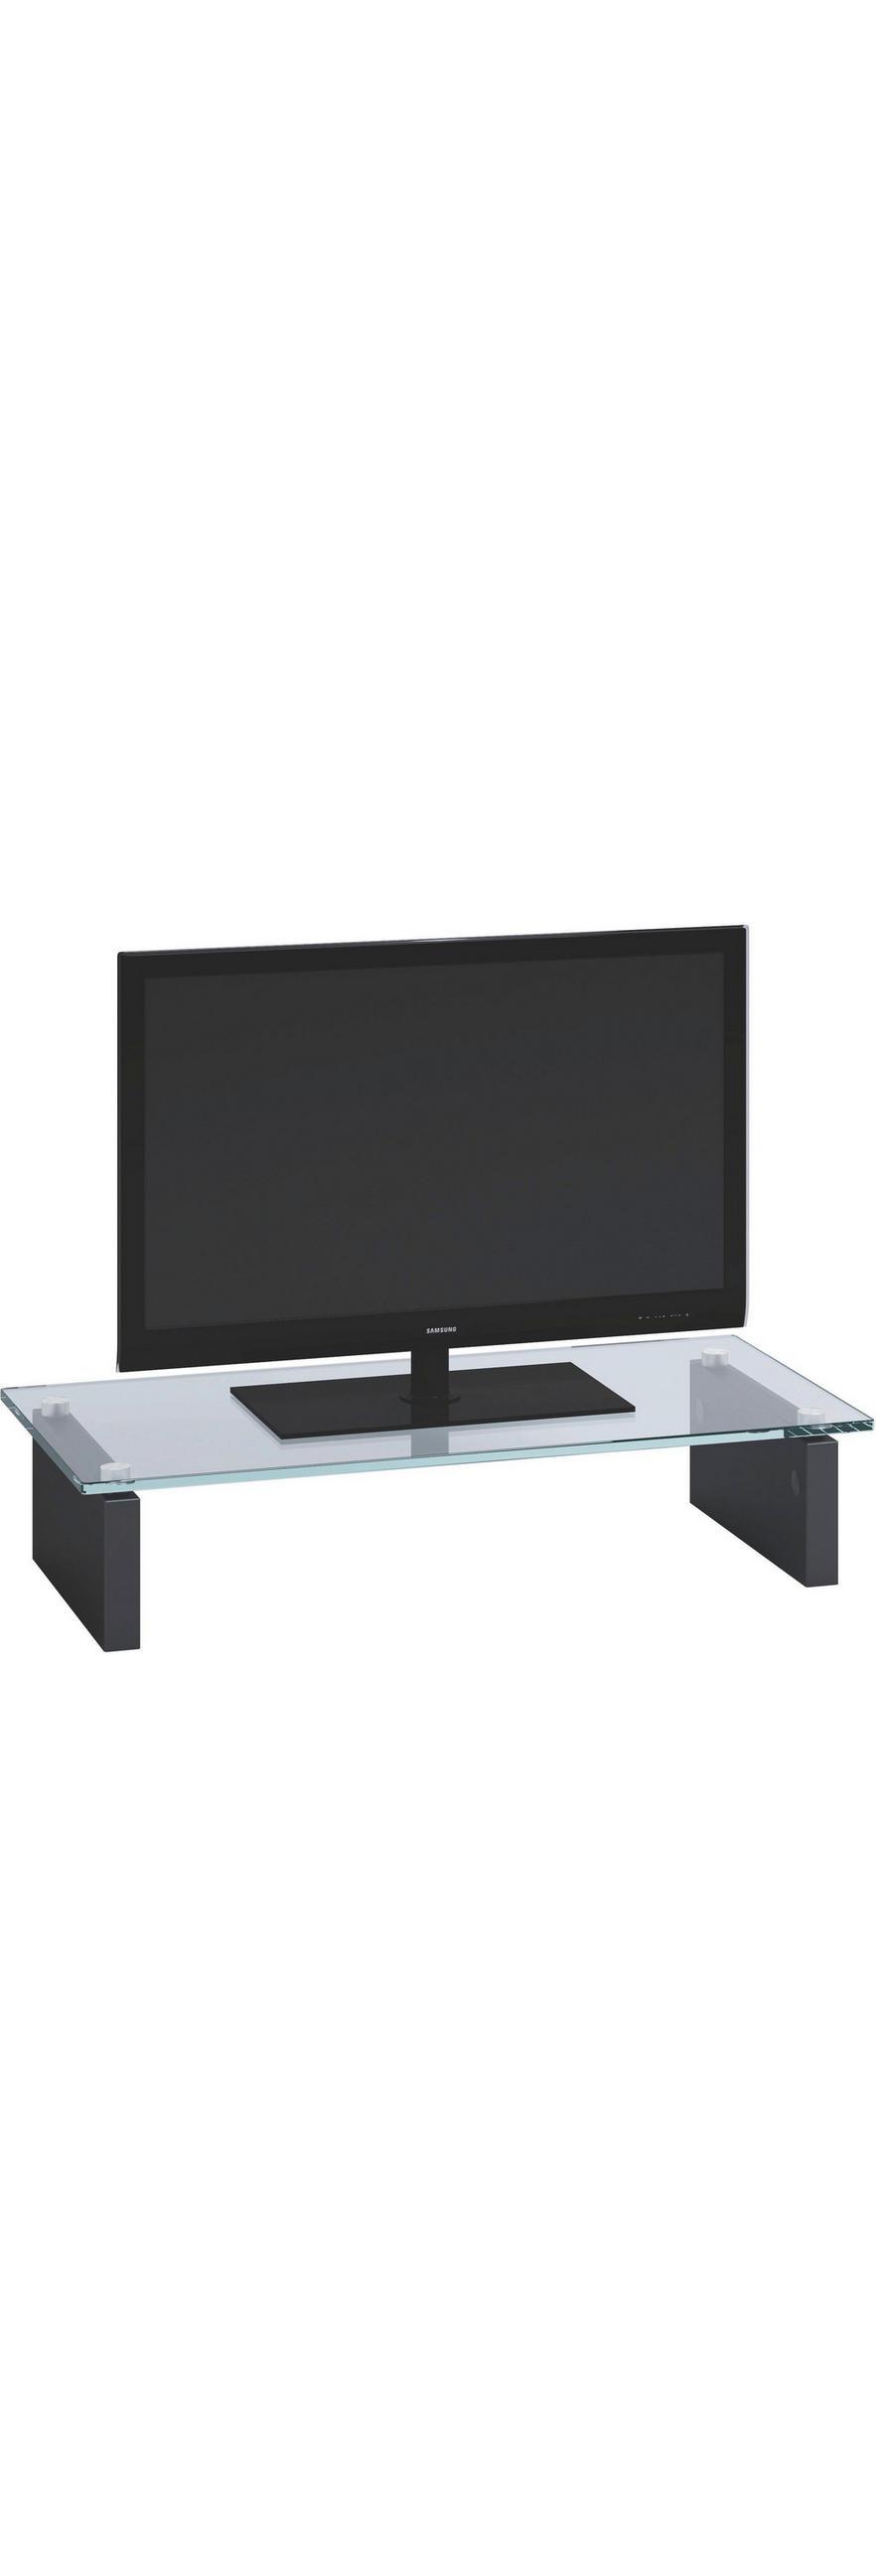 Schreibtischaufsatz Klar Online Kaufen Xxxlutz